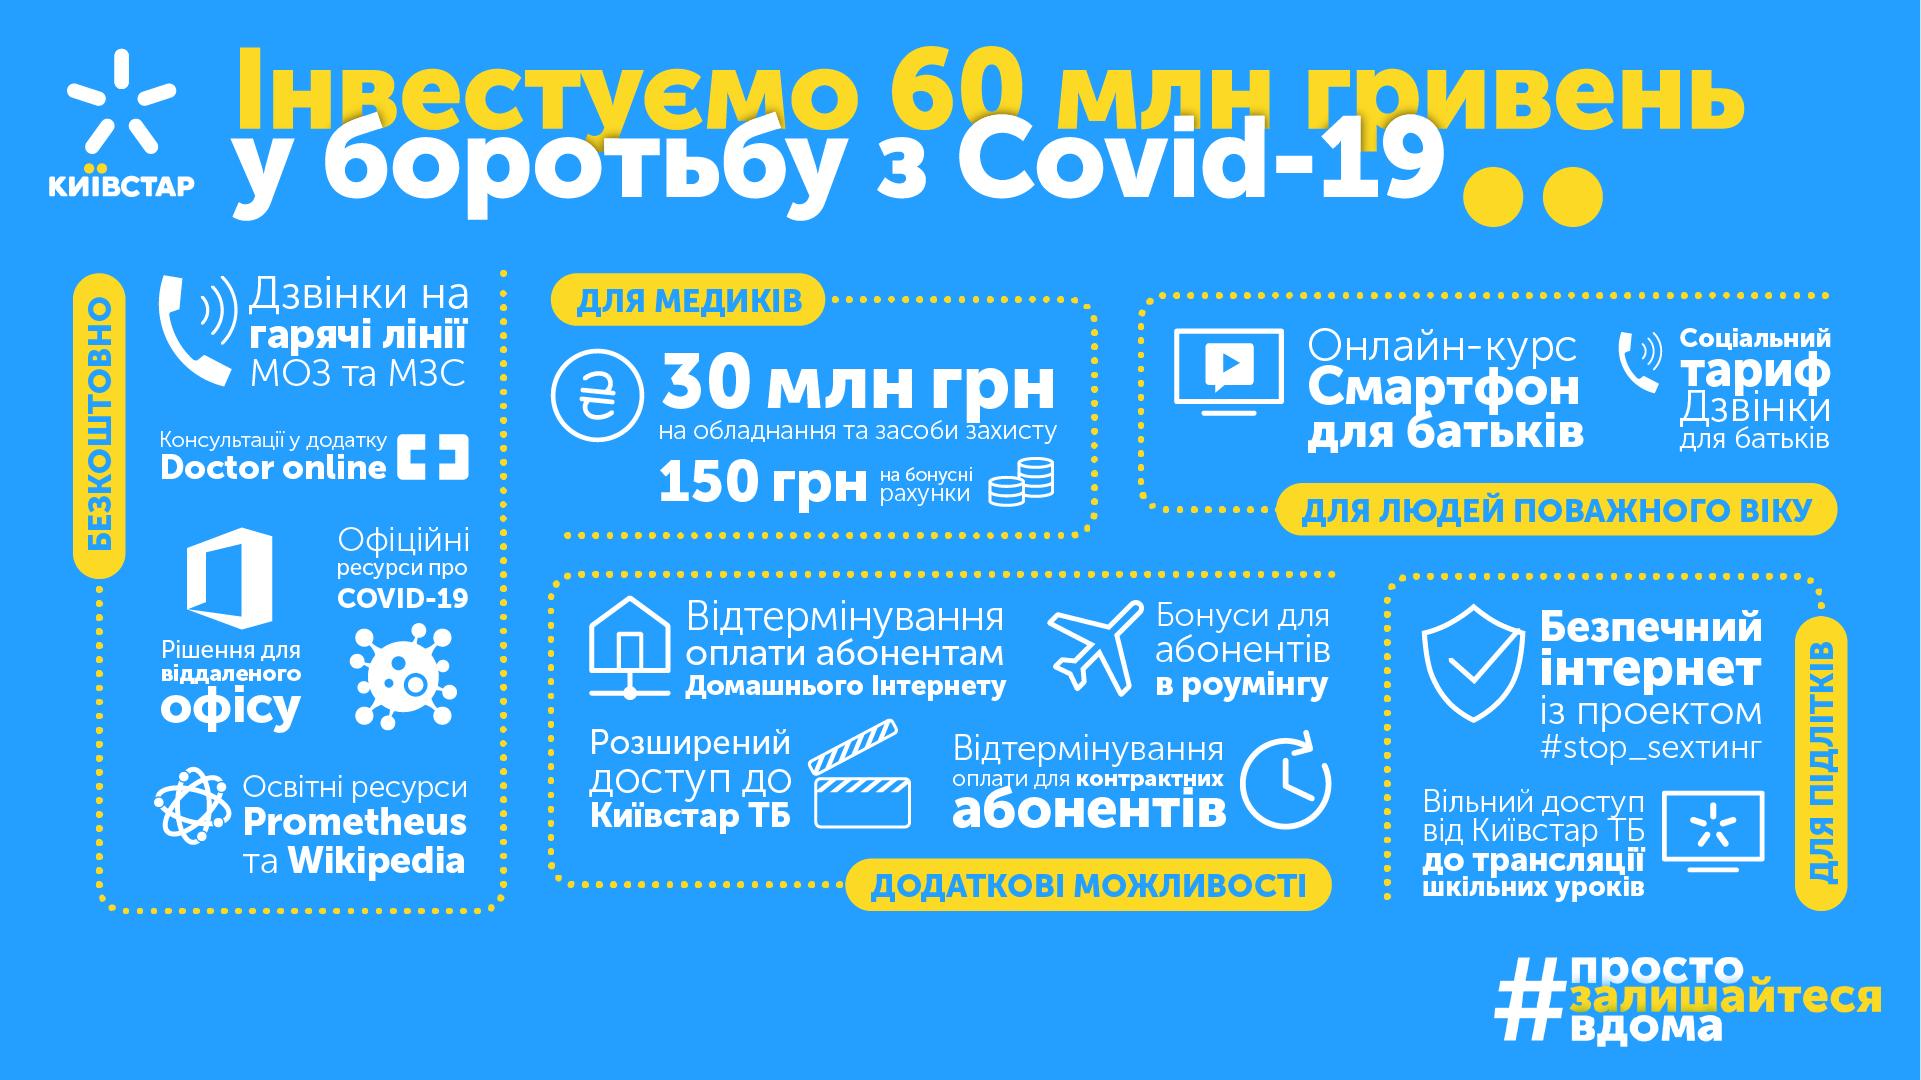 Київстар виділив 60 млн грн для допомоги у боротьбі з COVID-19